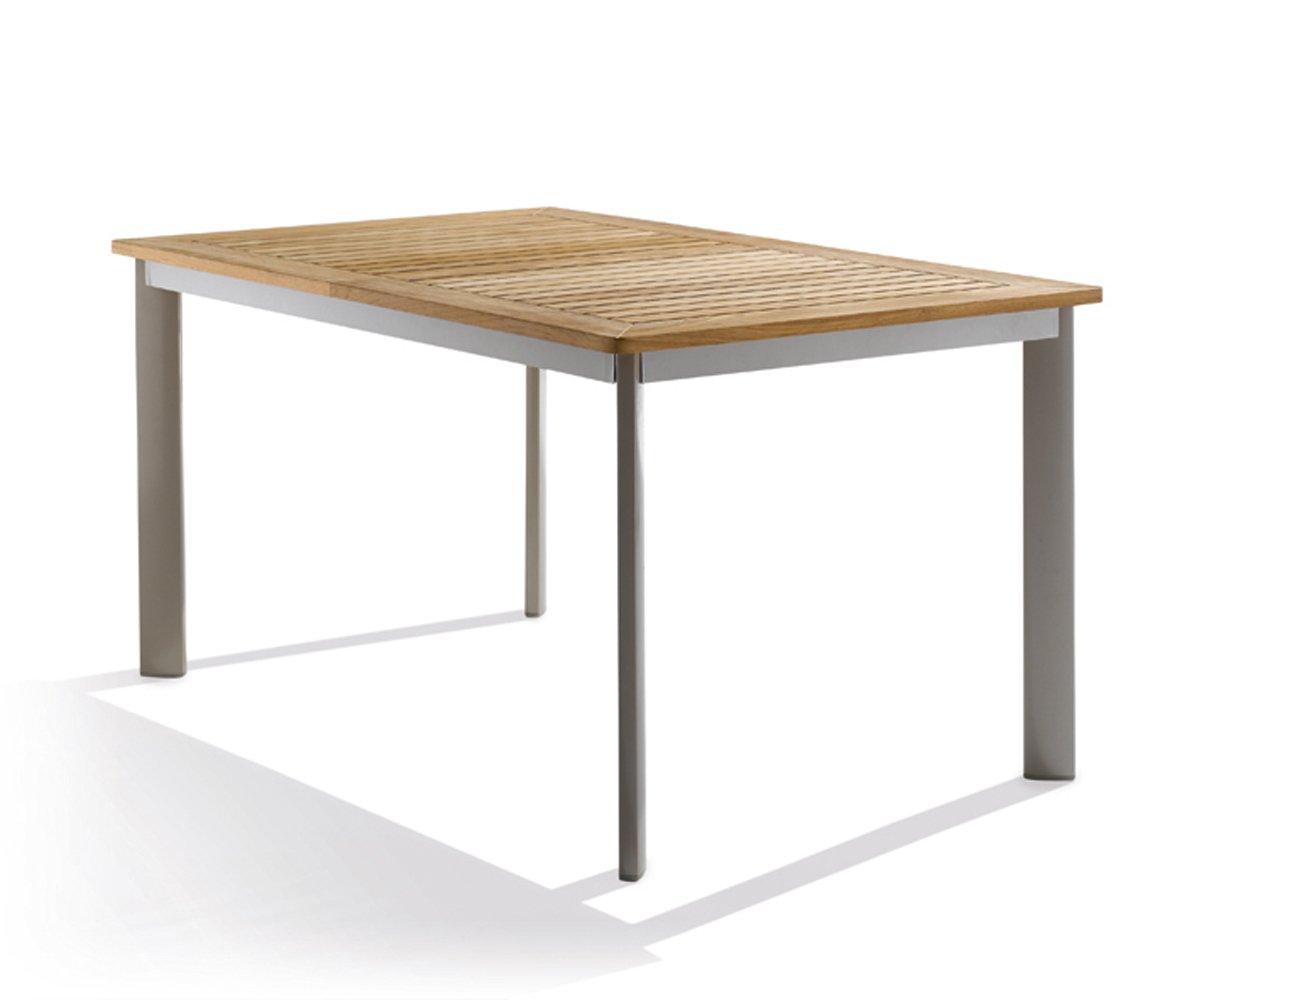 Sieger 687/C Gartentisch mit Aluminium-Gestell und Platte aus Plantagen-Teakholz, champagner